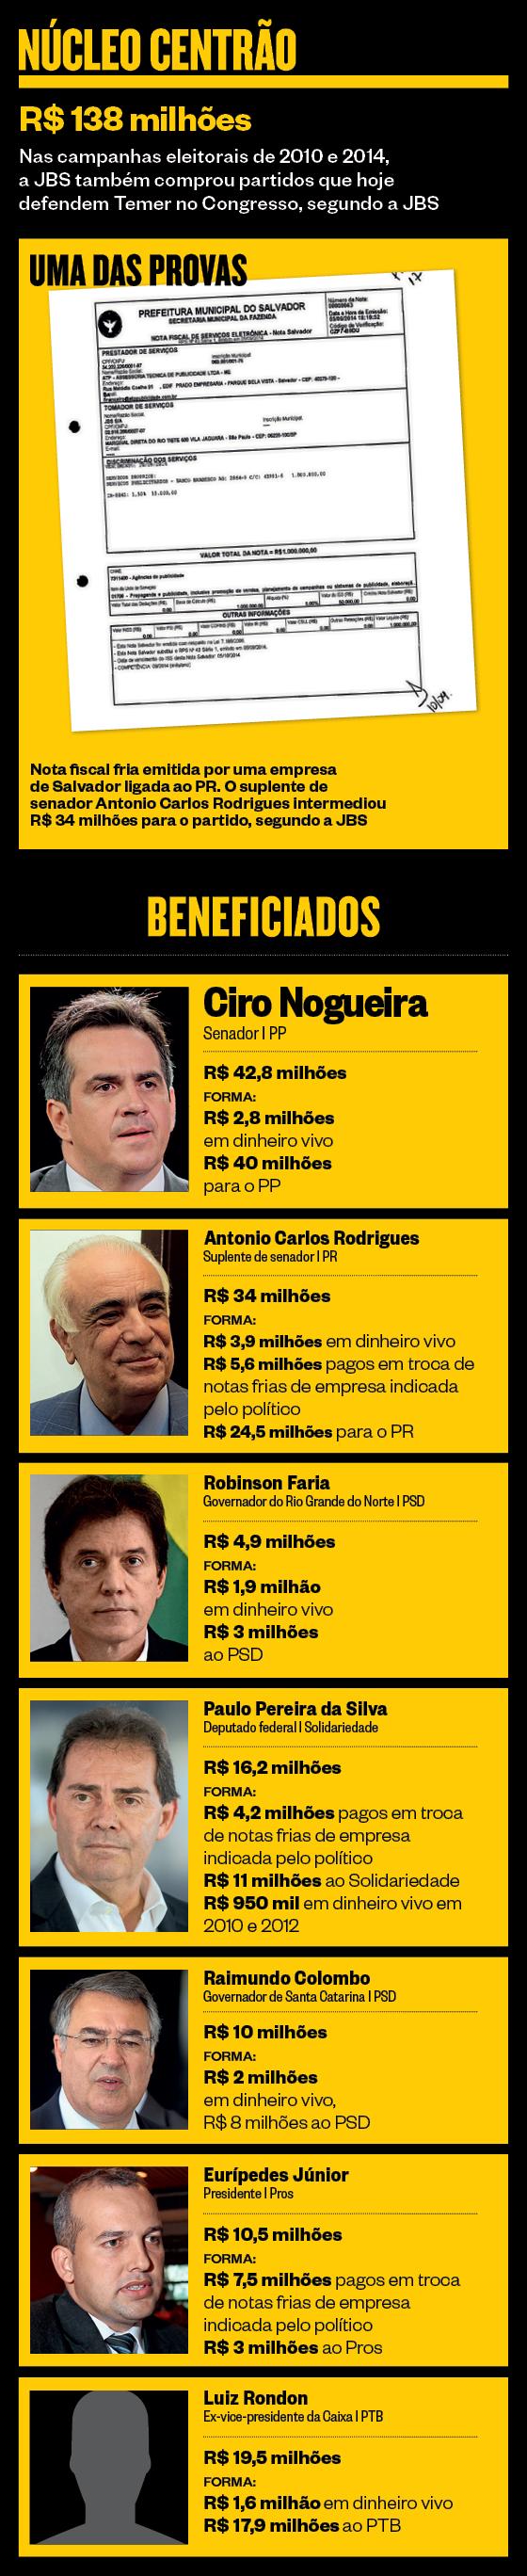 Núcleo Centrão (Foto: ÉPOCA)